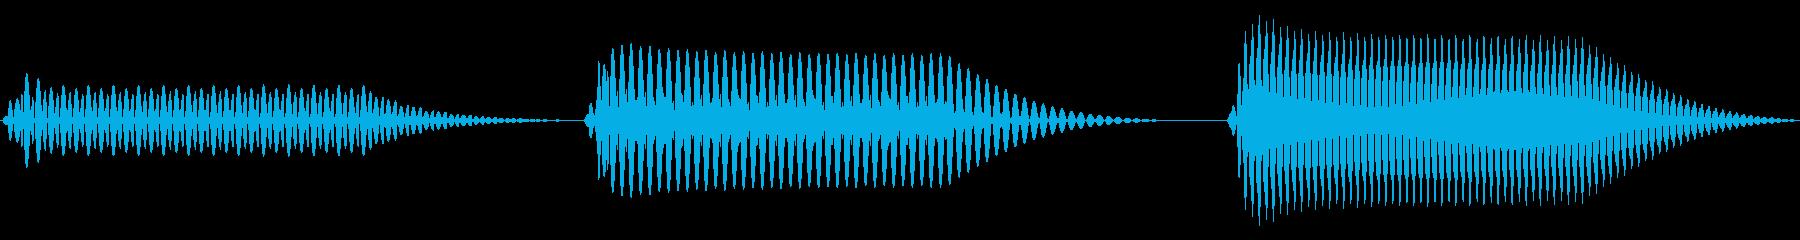 往年のRPG風 コマンド音 シリーズ 9の再生済みの波形